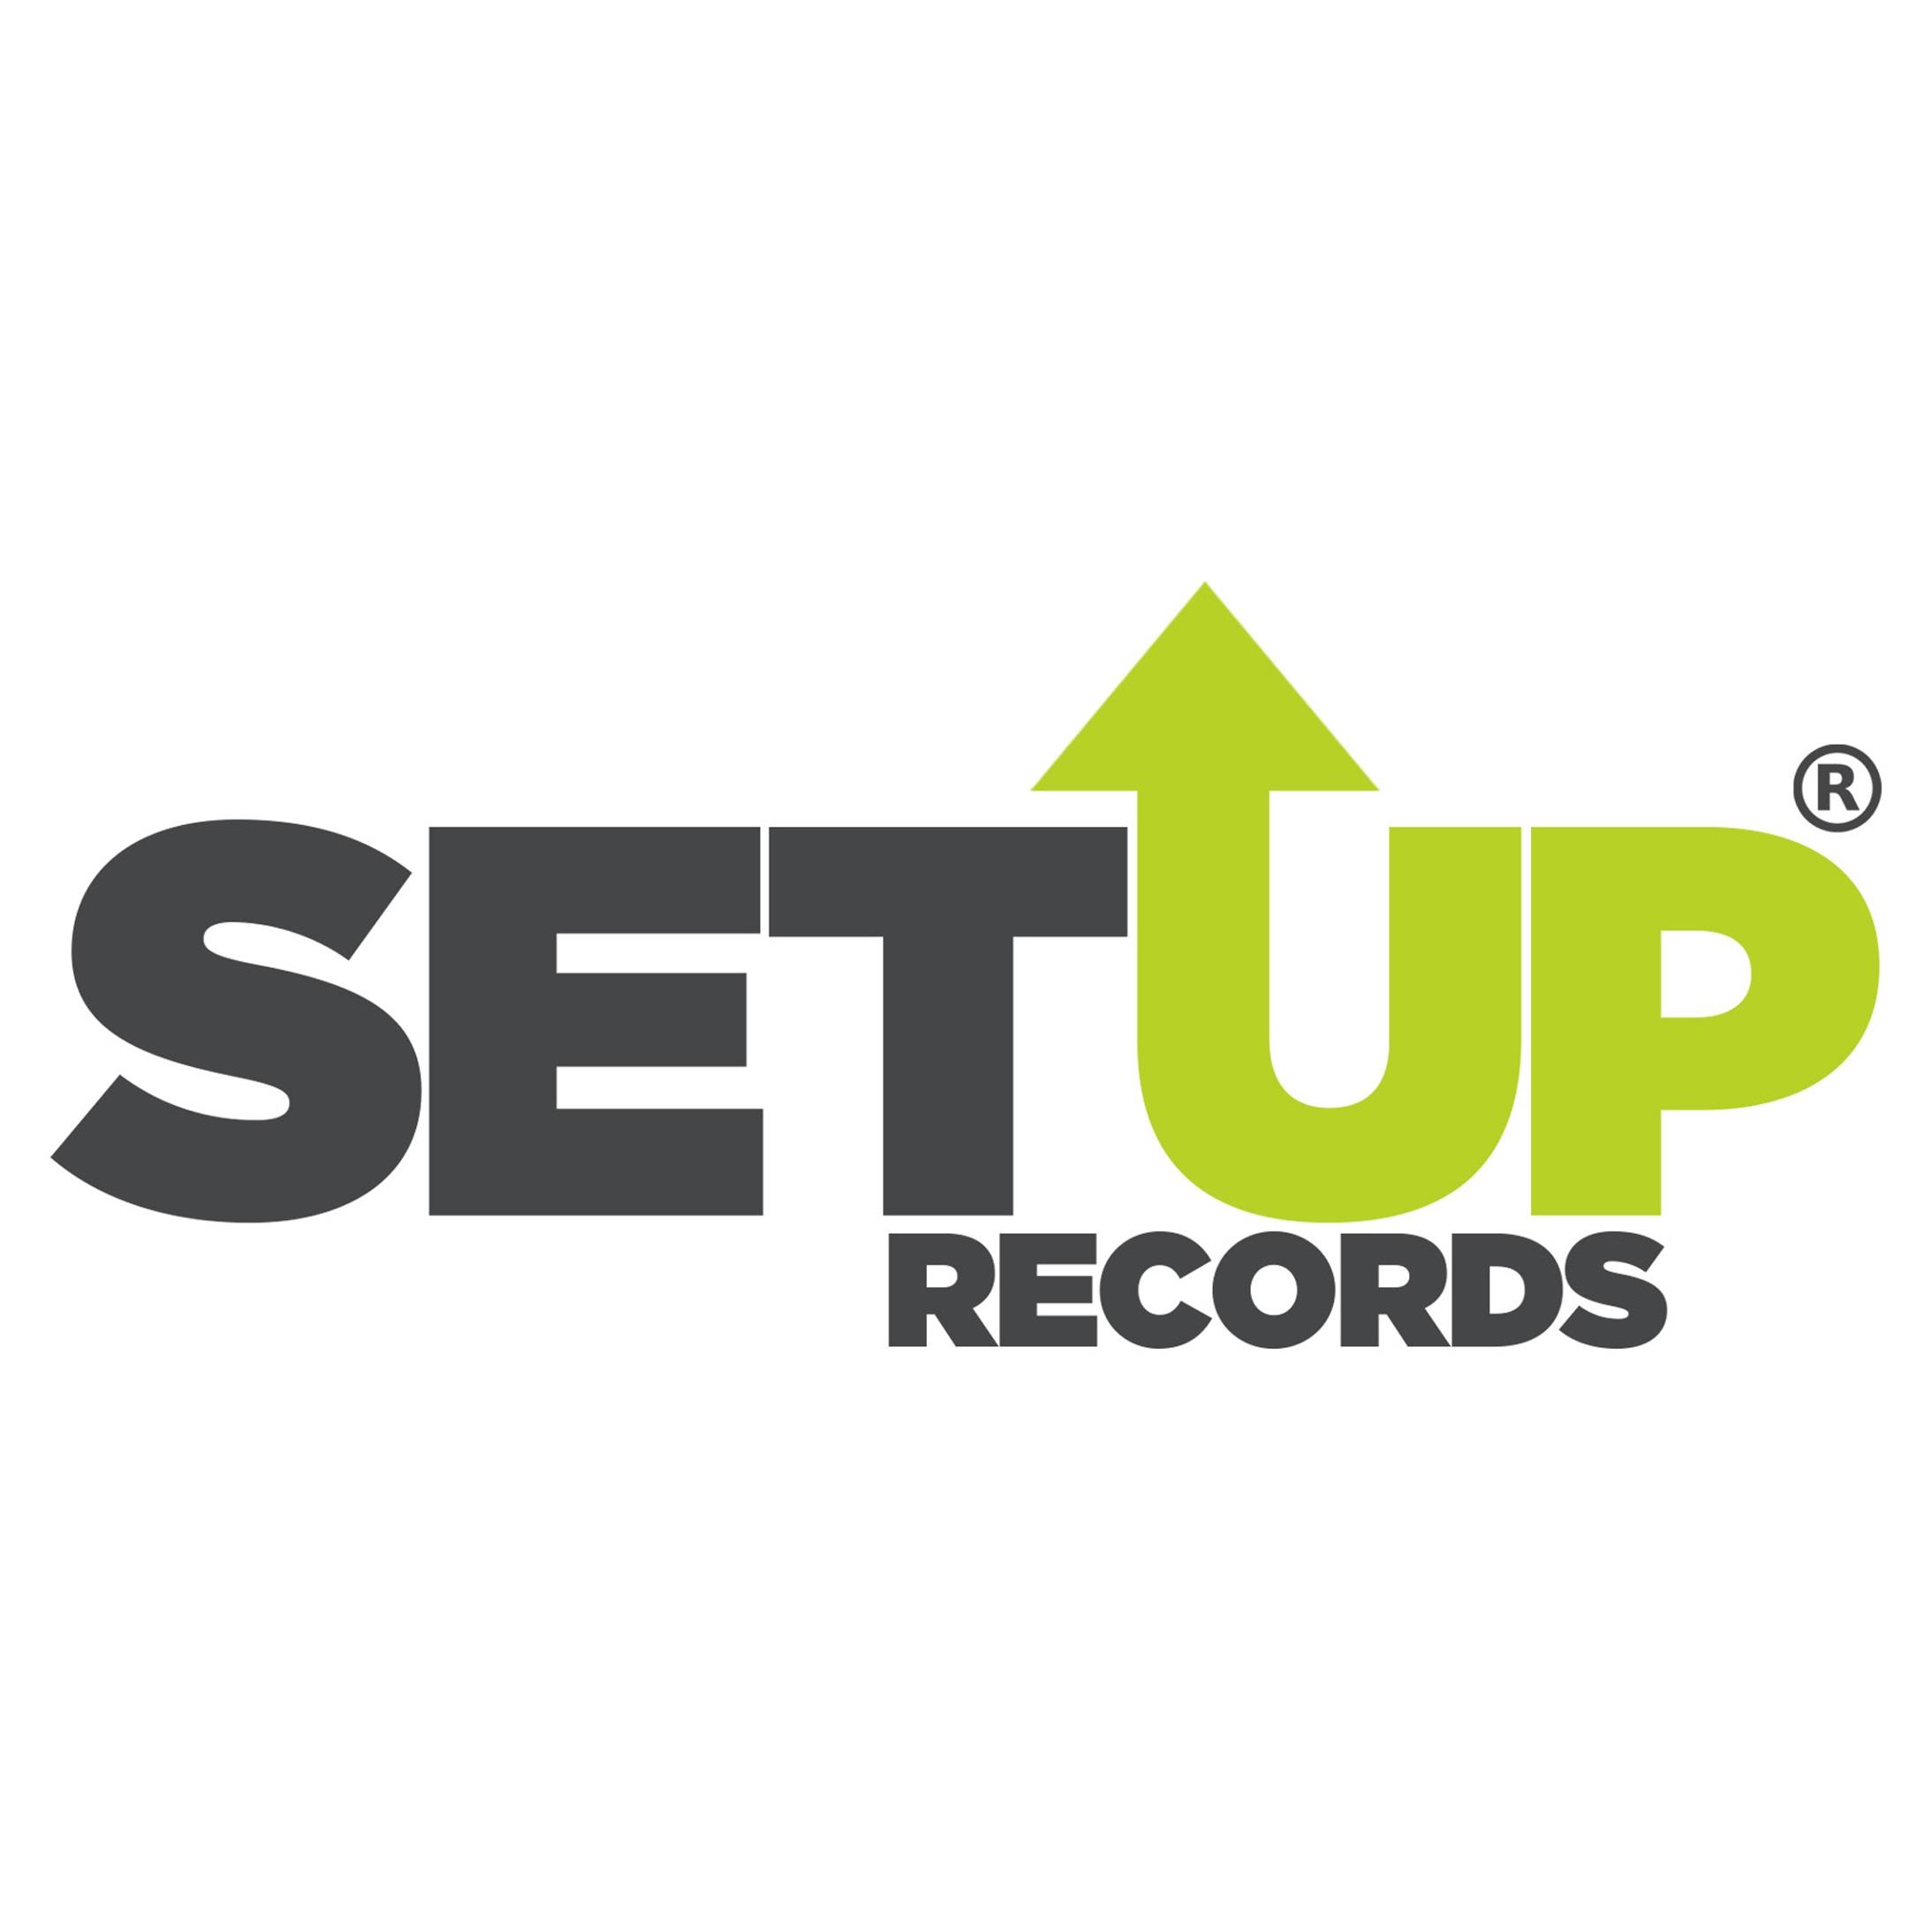 Setup recordssquare.jpg